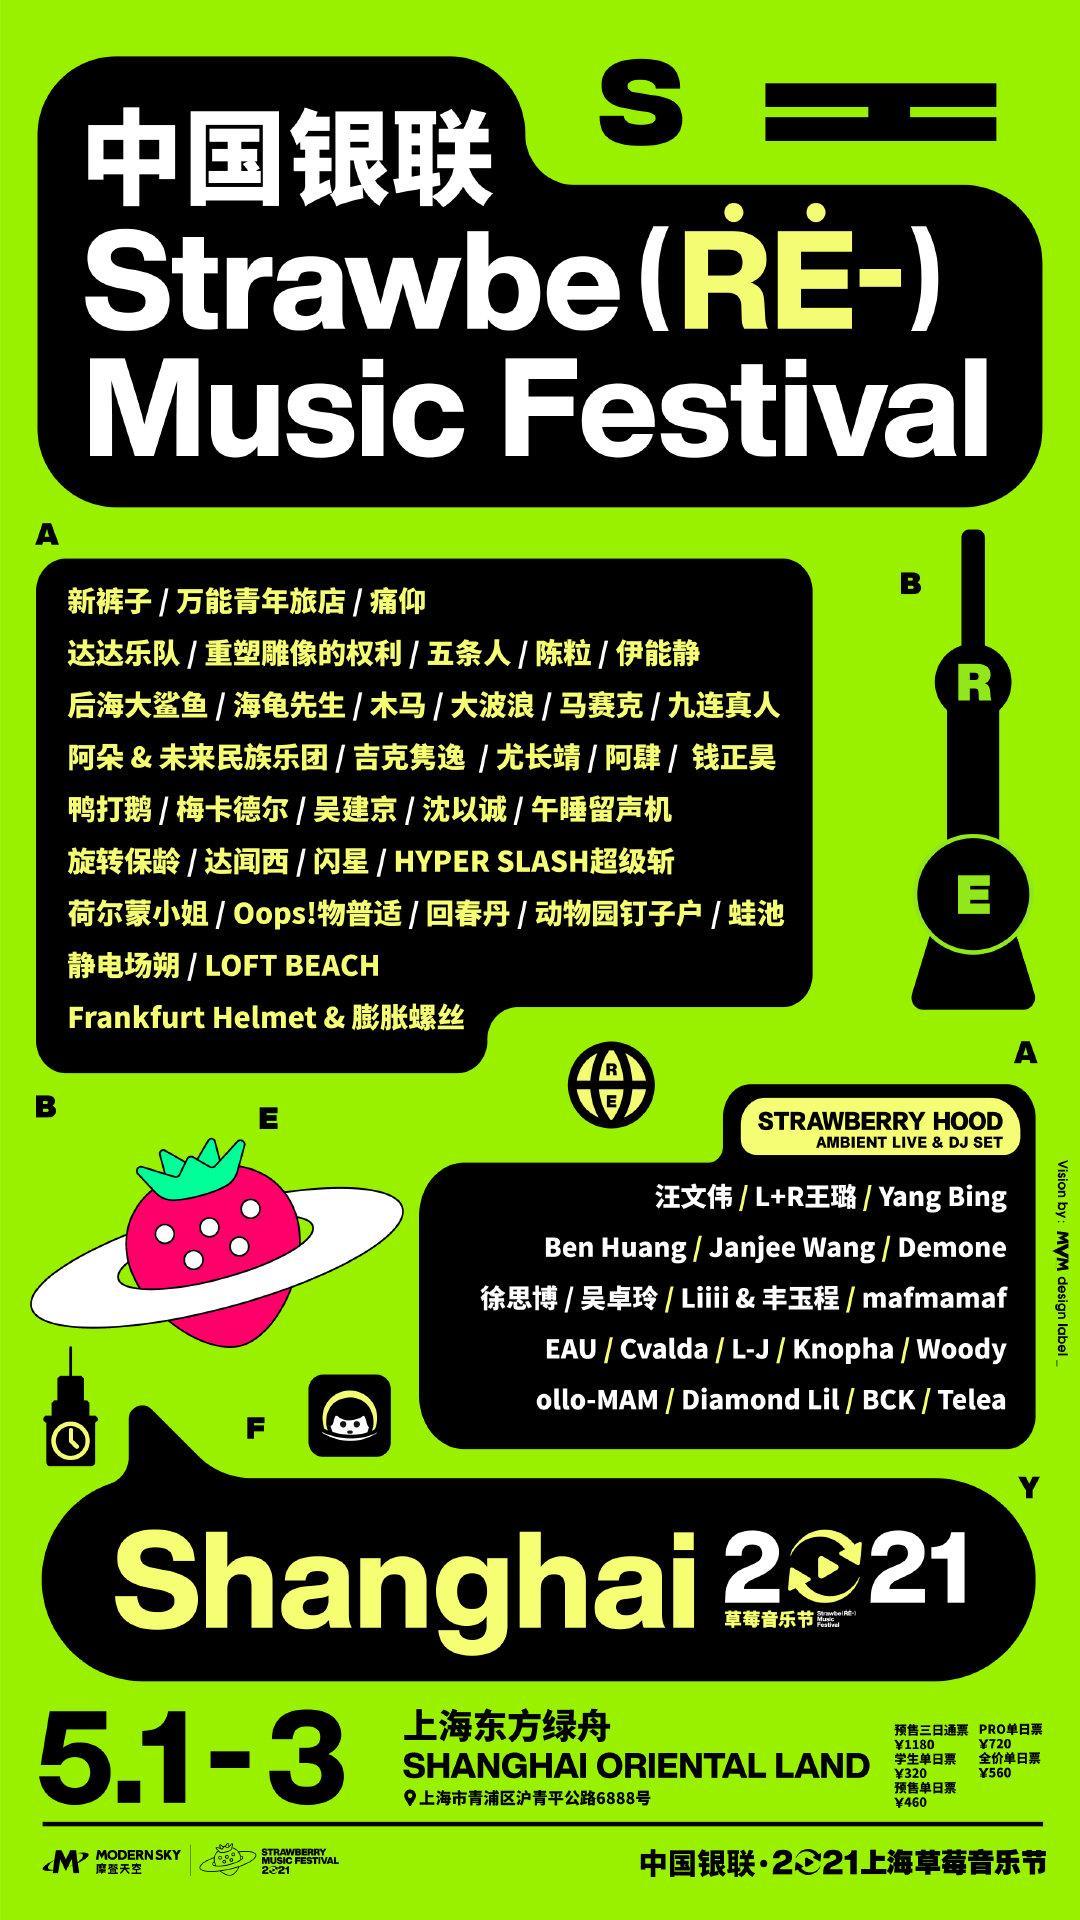 2021上海草莓音乐节